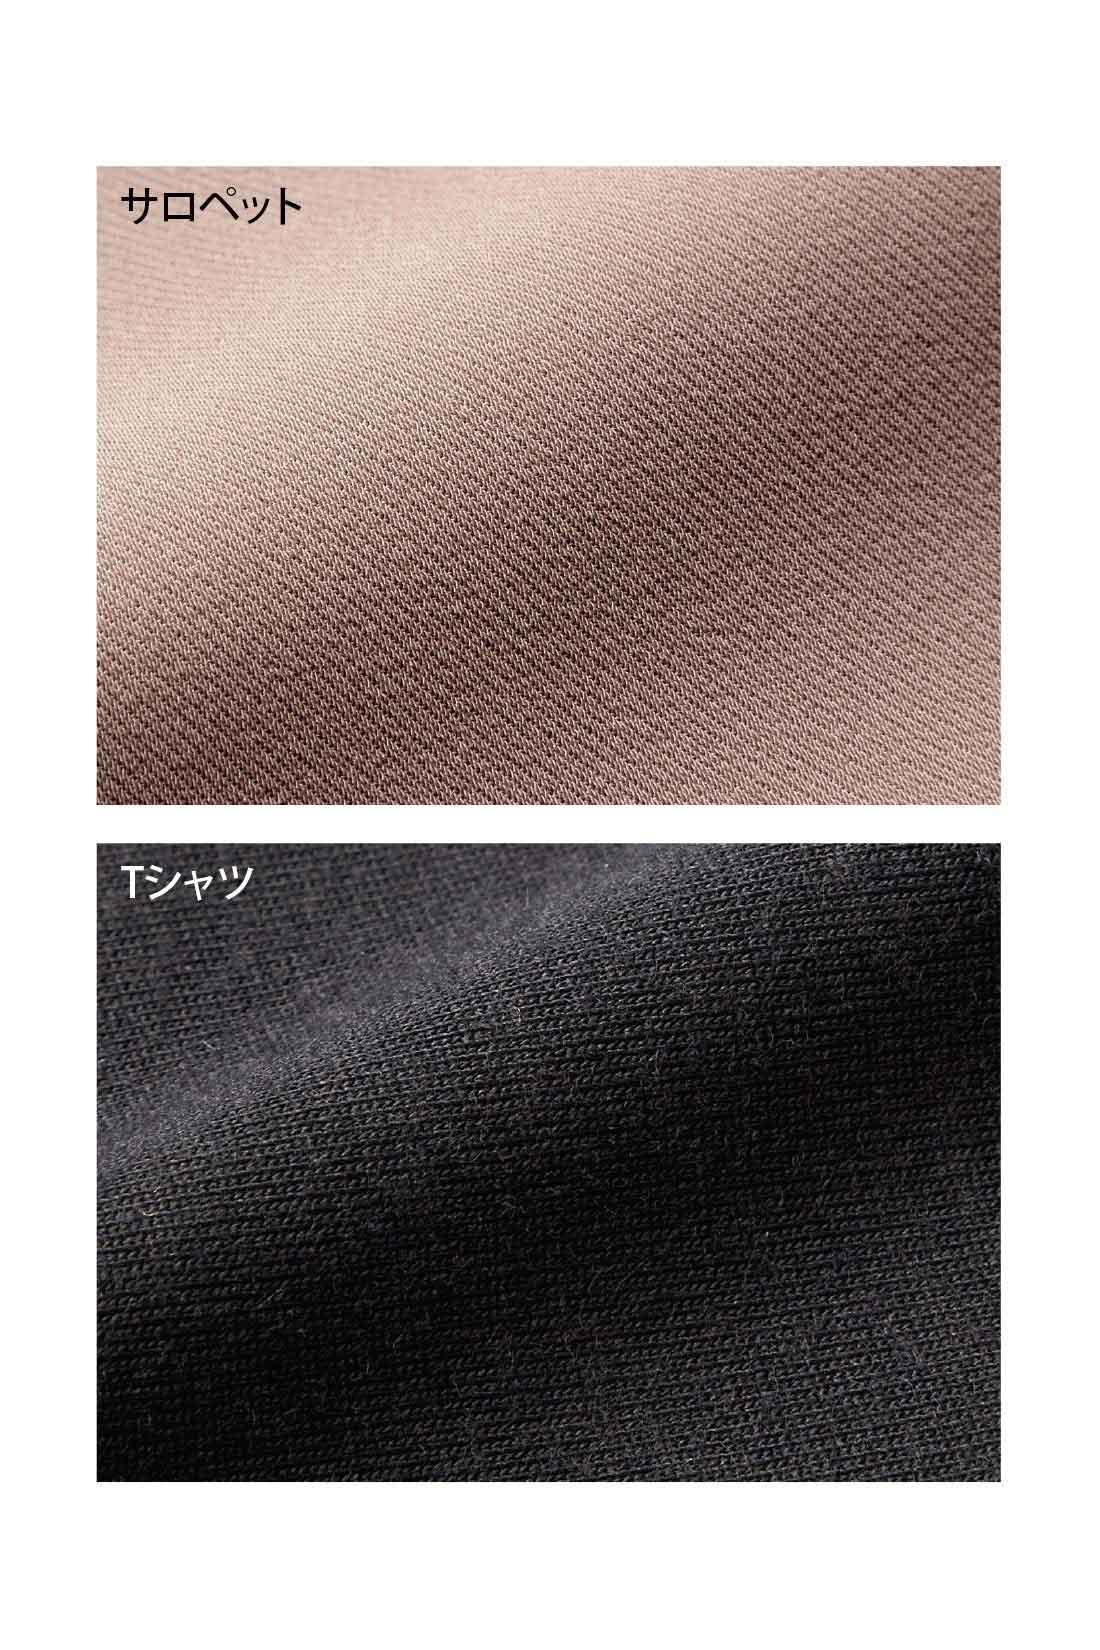 サロペットには上品な落ち感のある素材で大人っぽく。Tシャツにはさらりとした質感で着心地のよい綿混の天じく素材。